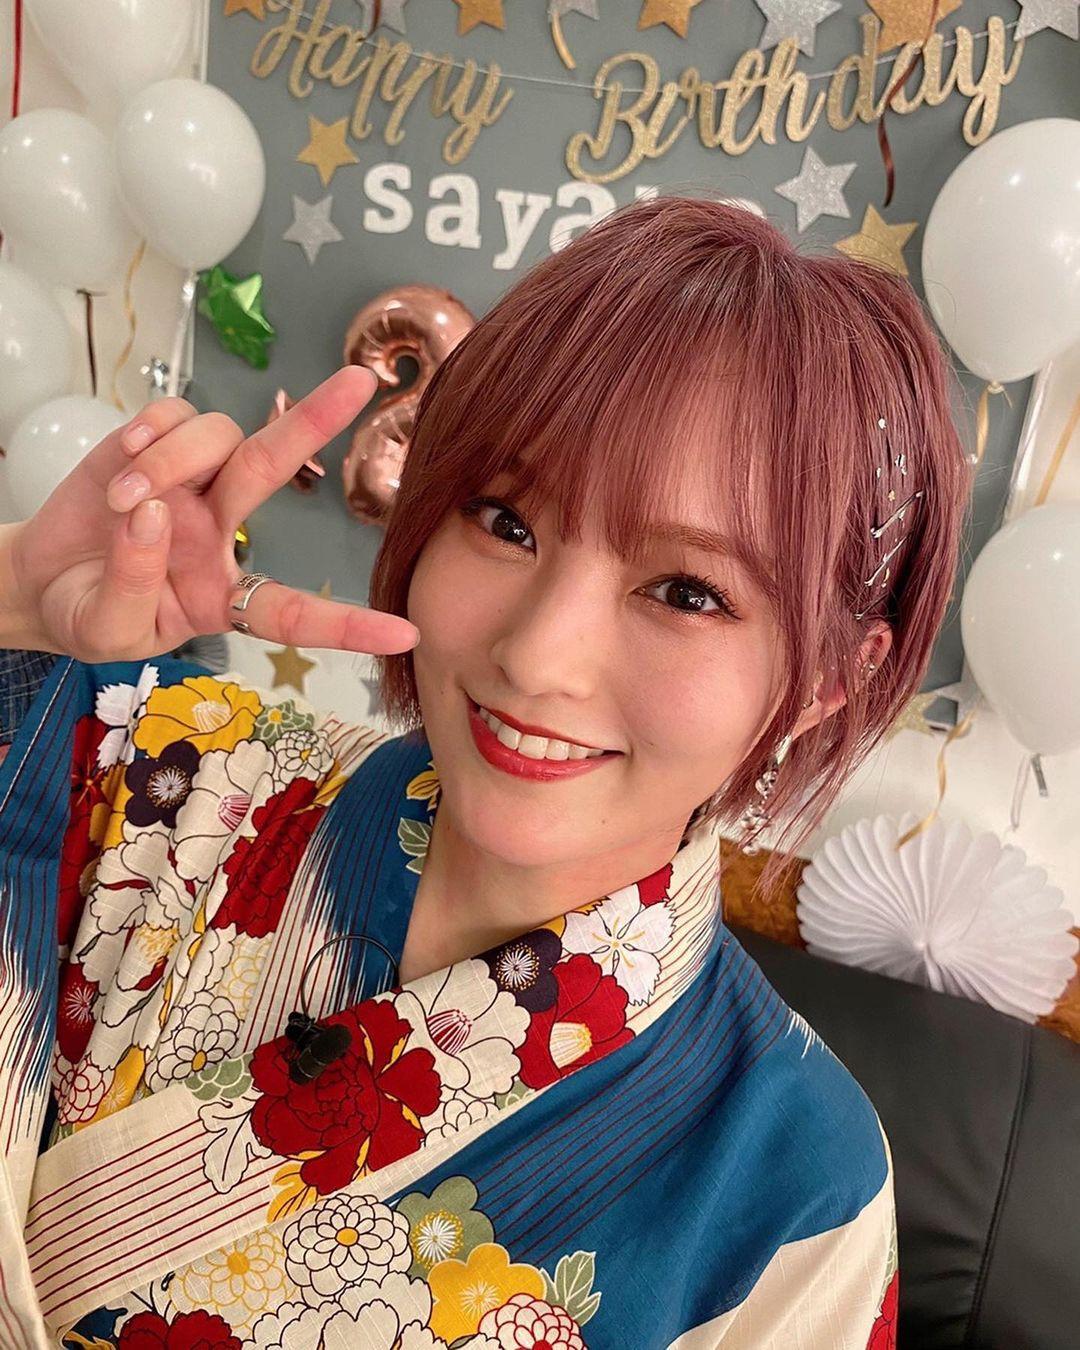 yamamoto_sayaka101.jpg